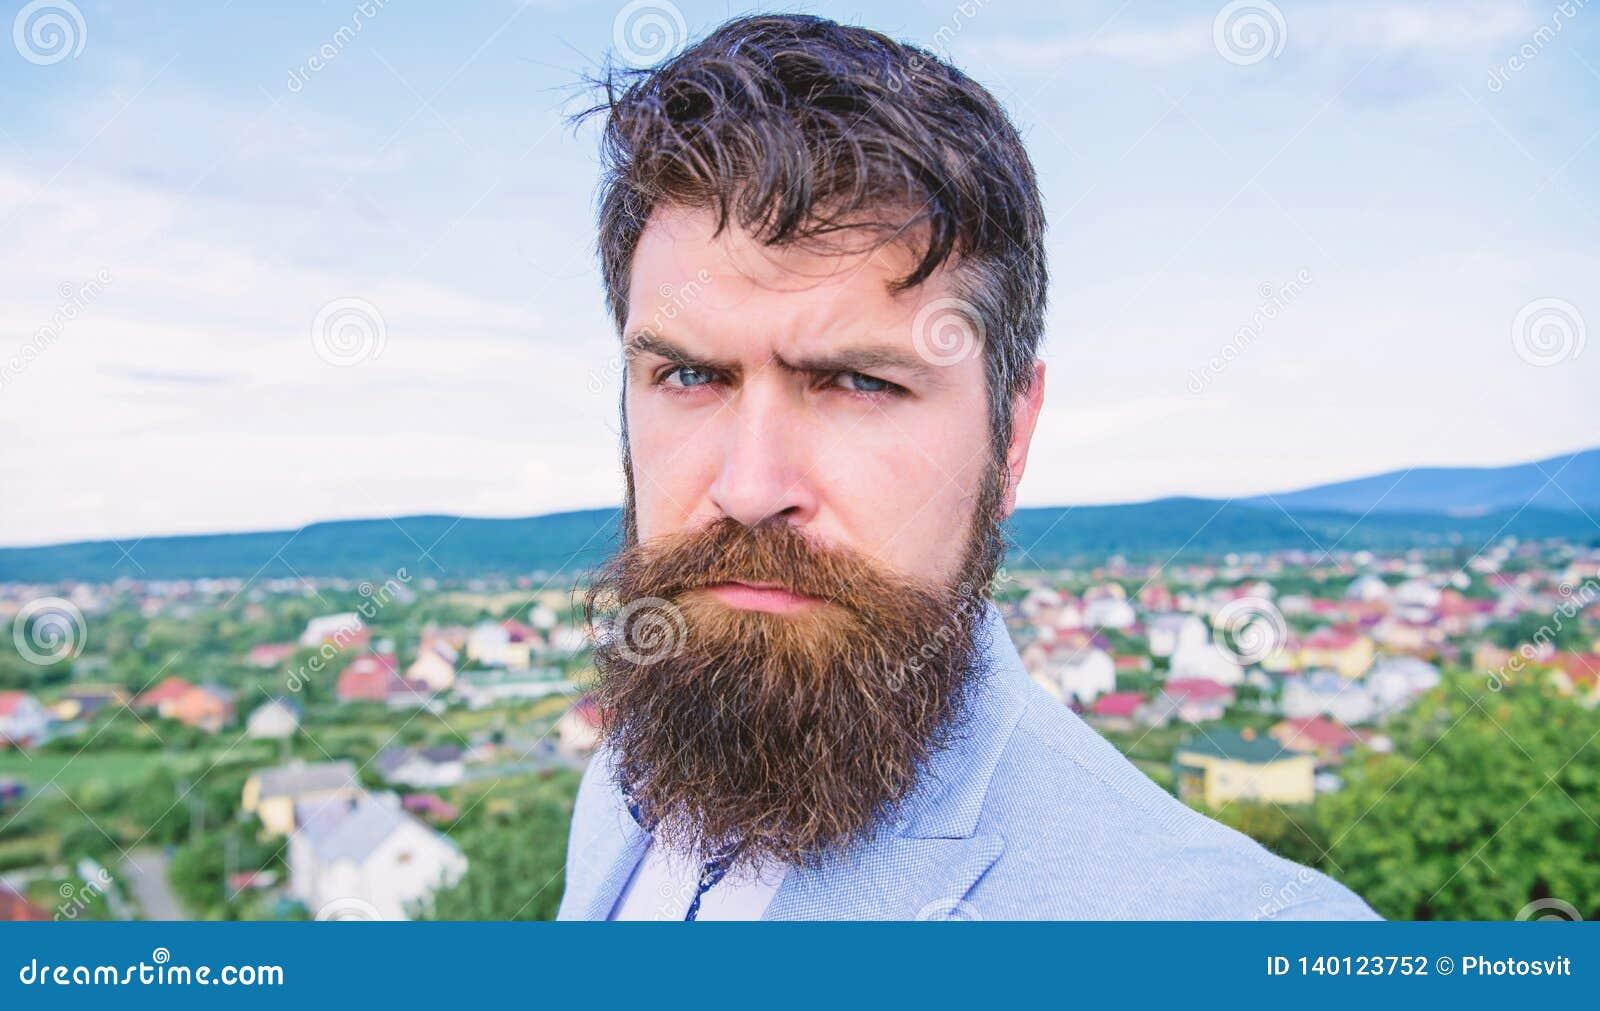 Deskundige uiteinden voor het kweken van en het handhaven van snor Hipster ernstige knappe aantrekkelijke kerel met lange baard G